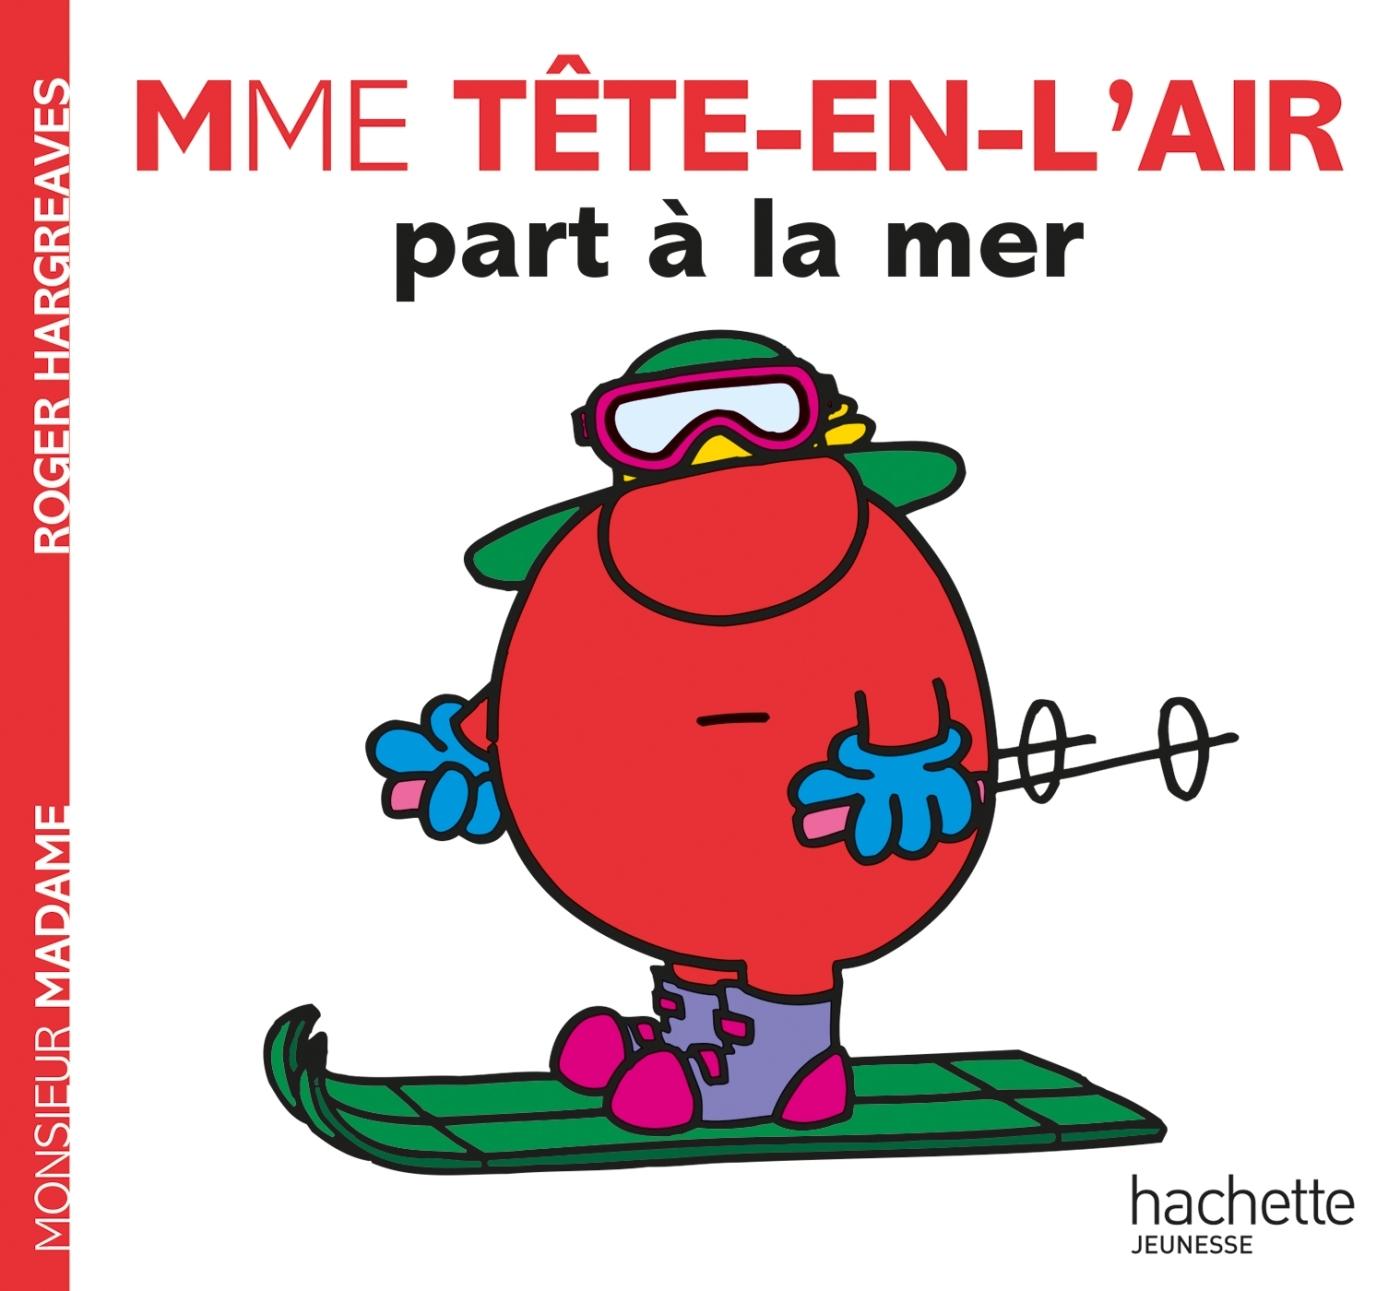 MADAME TETE-EN-L'AIR PART A LA MER